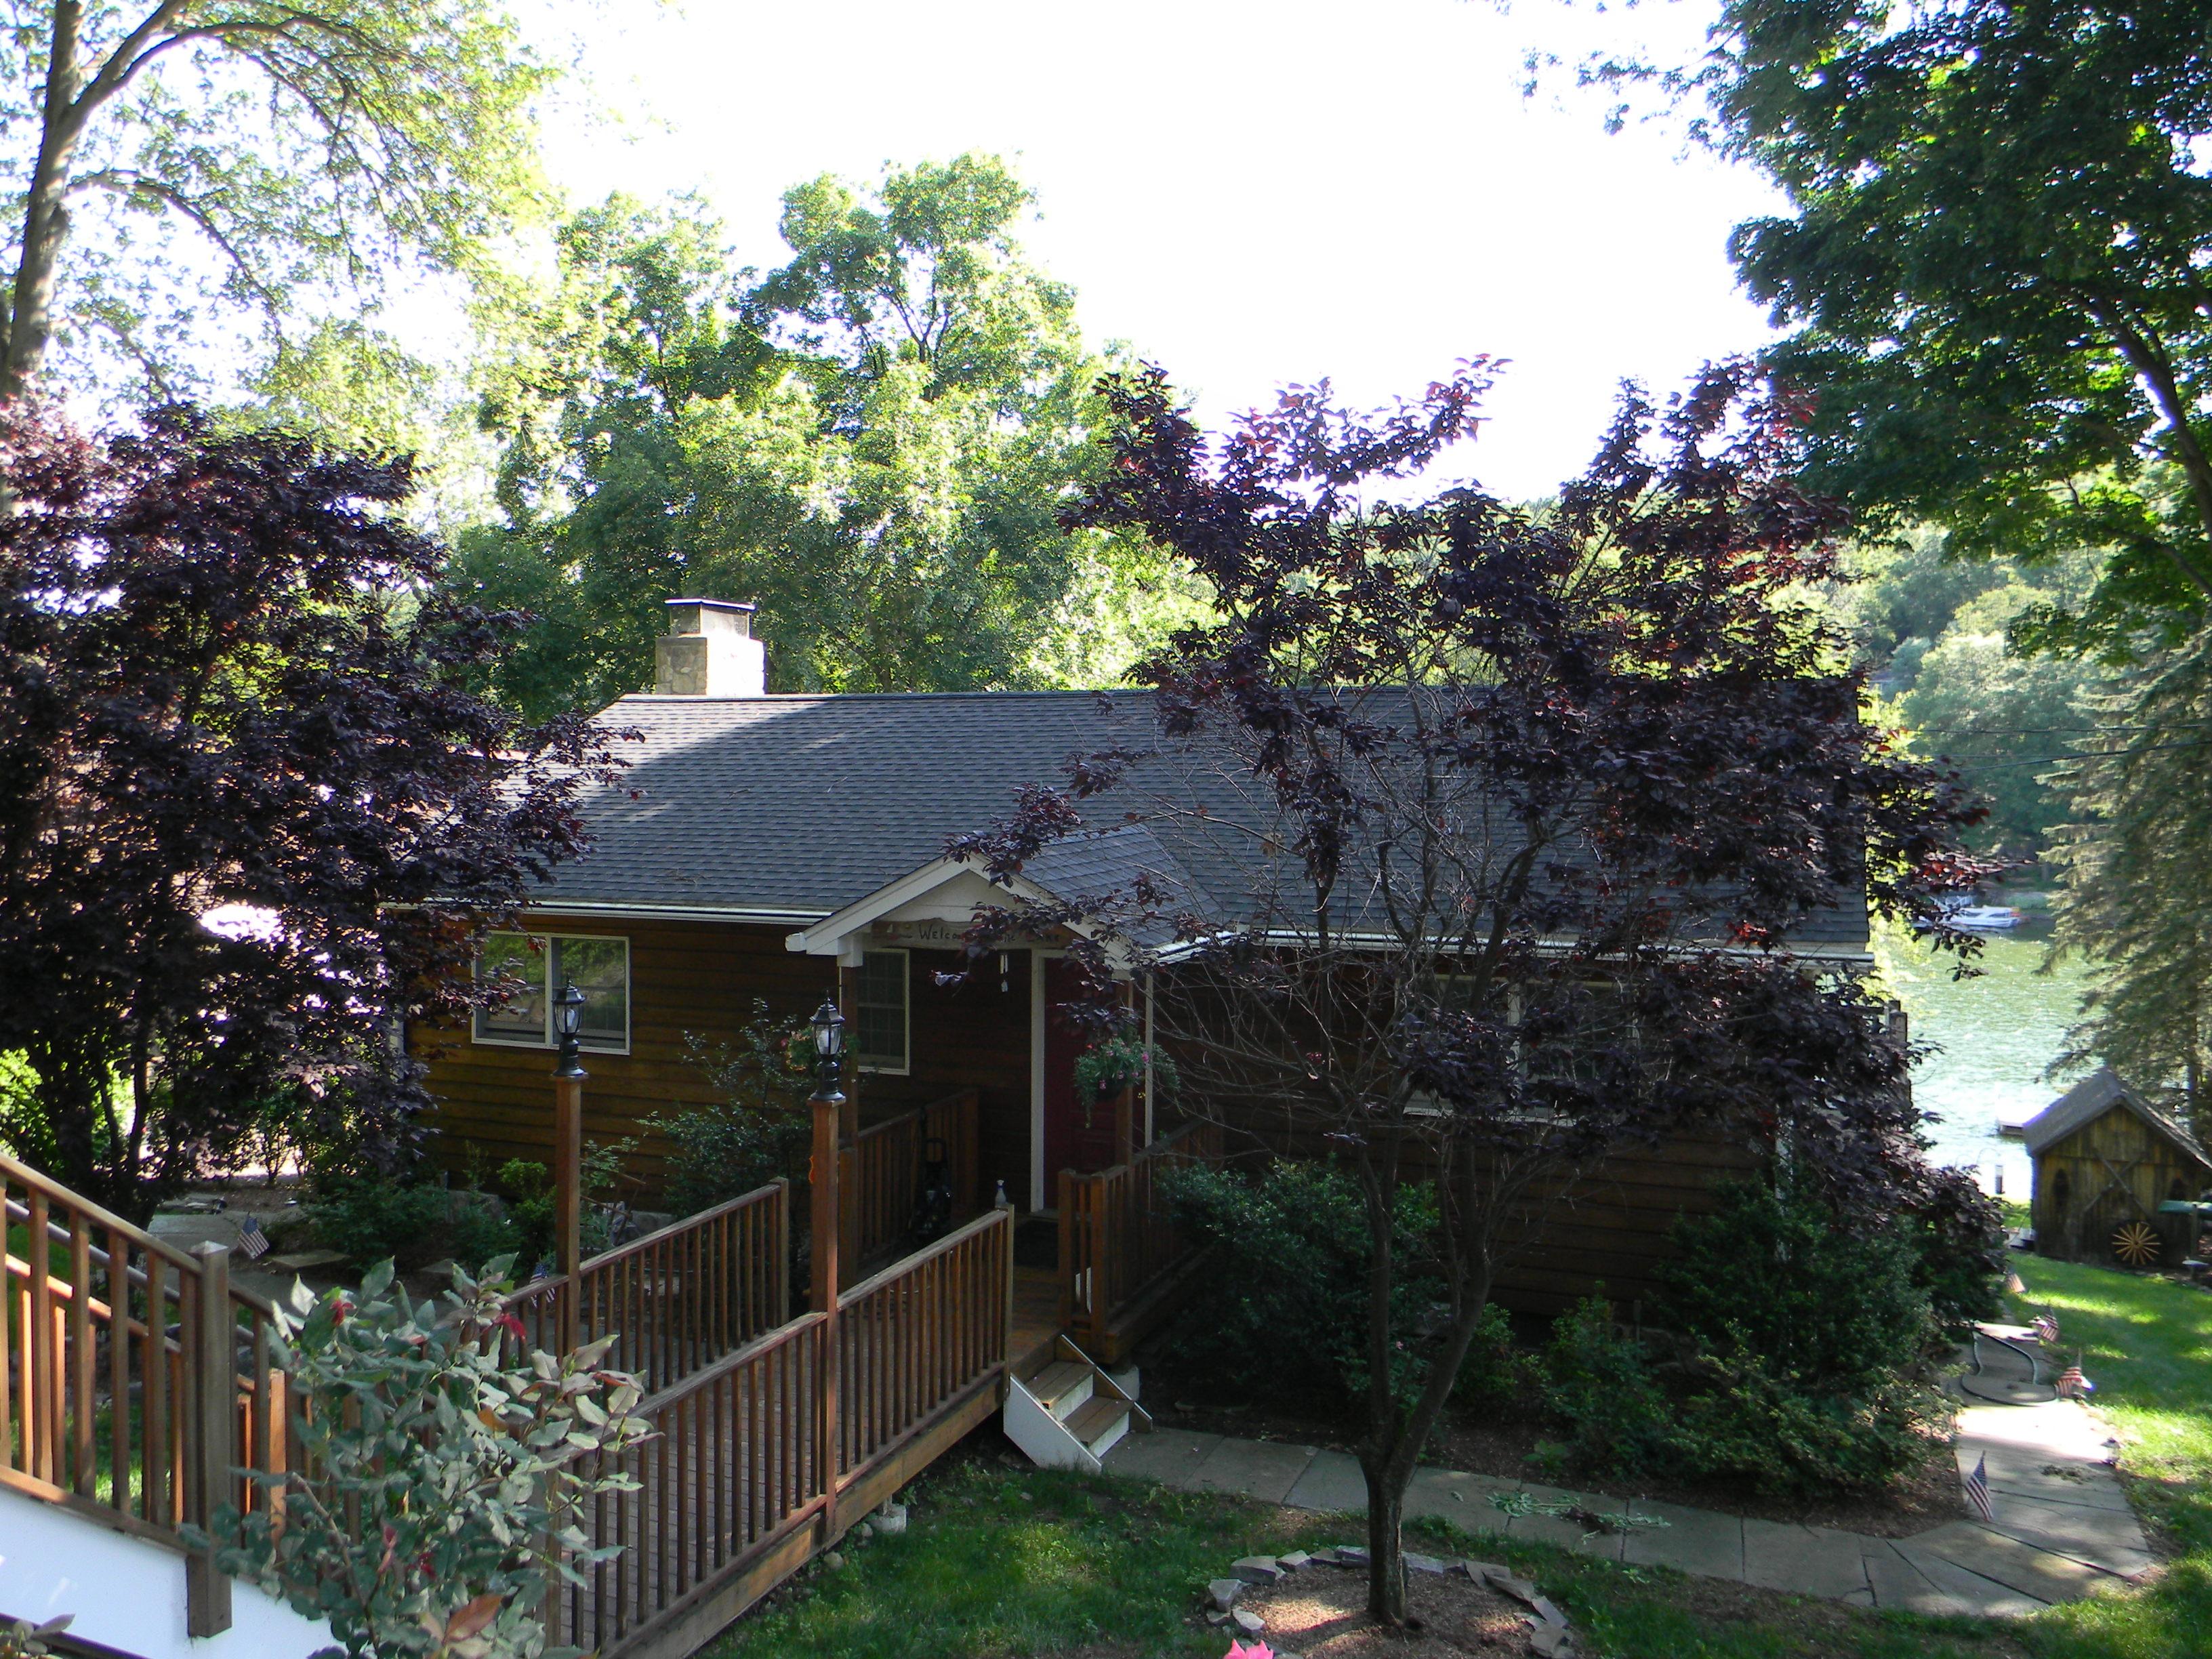 Частный односемейный дом для того Продажа на Direct Waterfront HOme 41 Cedar Drive Danbury, Коннектикут 06811 Соединенные Штаты